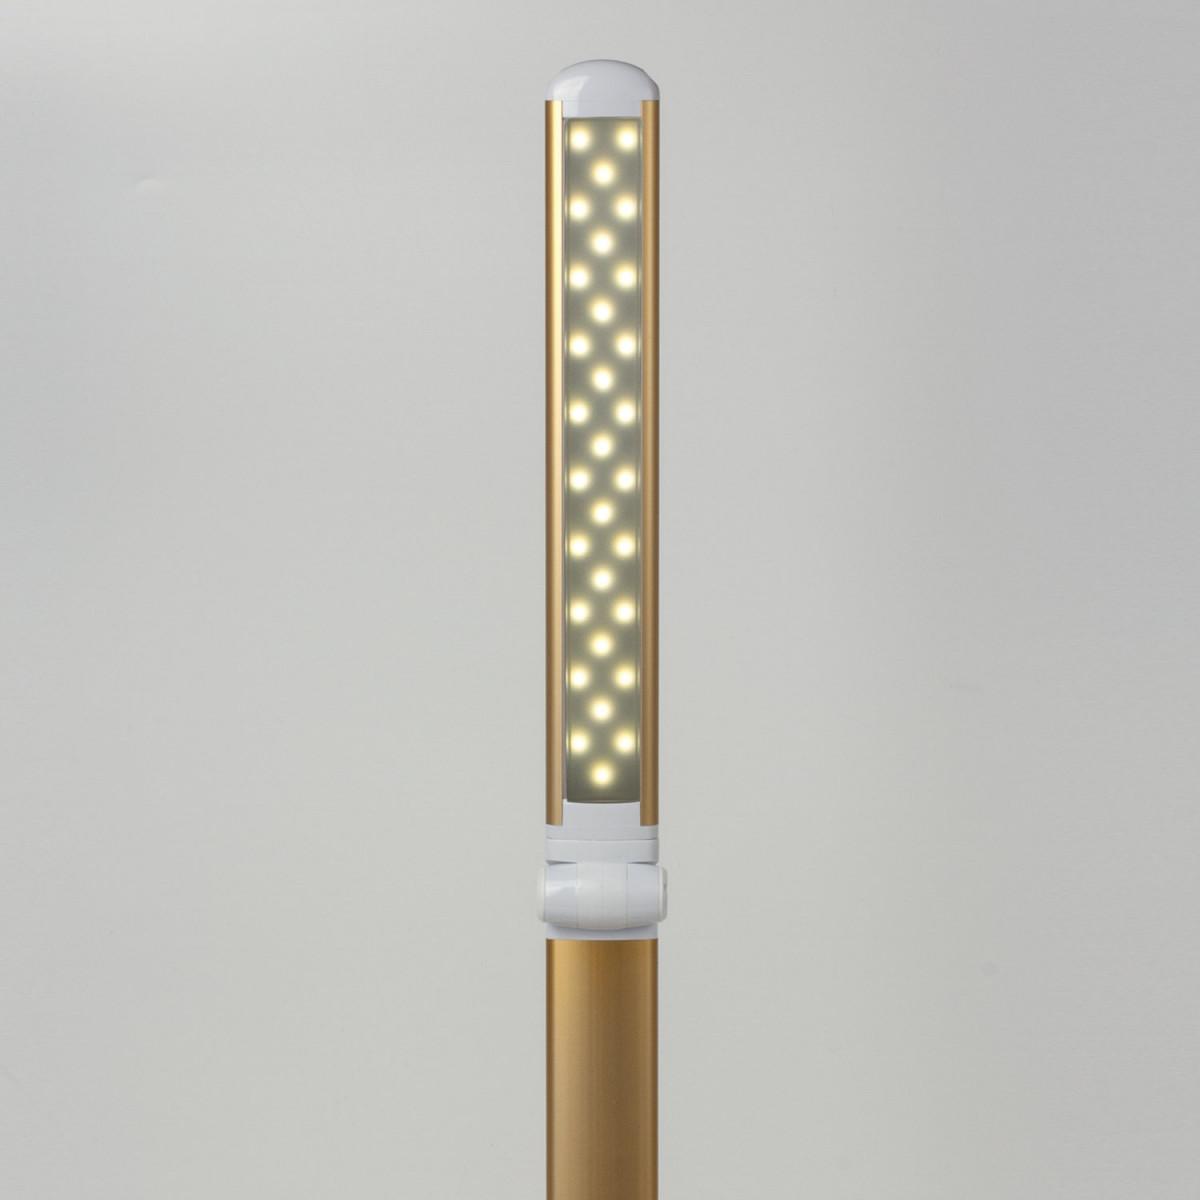 Светильник настольный SONNEN PH-3609, на подставке, светодиодный, 9 Вт, алюминий, золотистый, 236687 (арт. 236687)